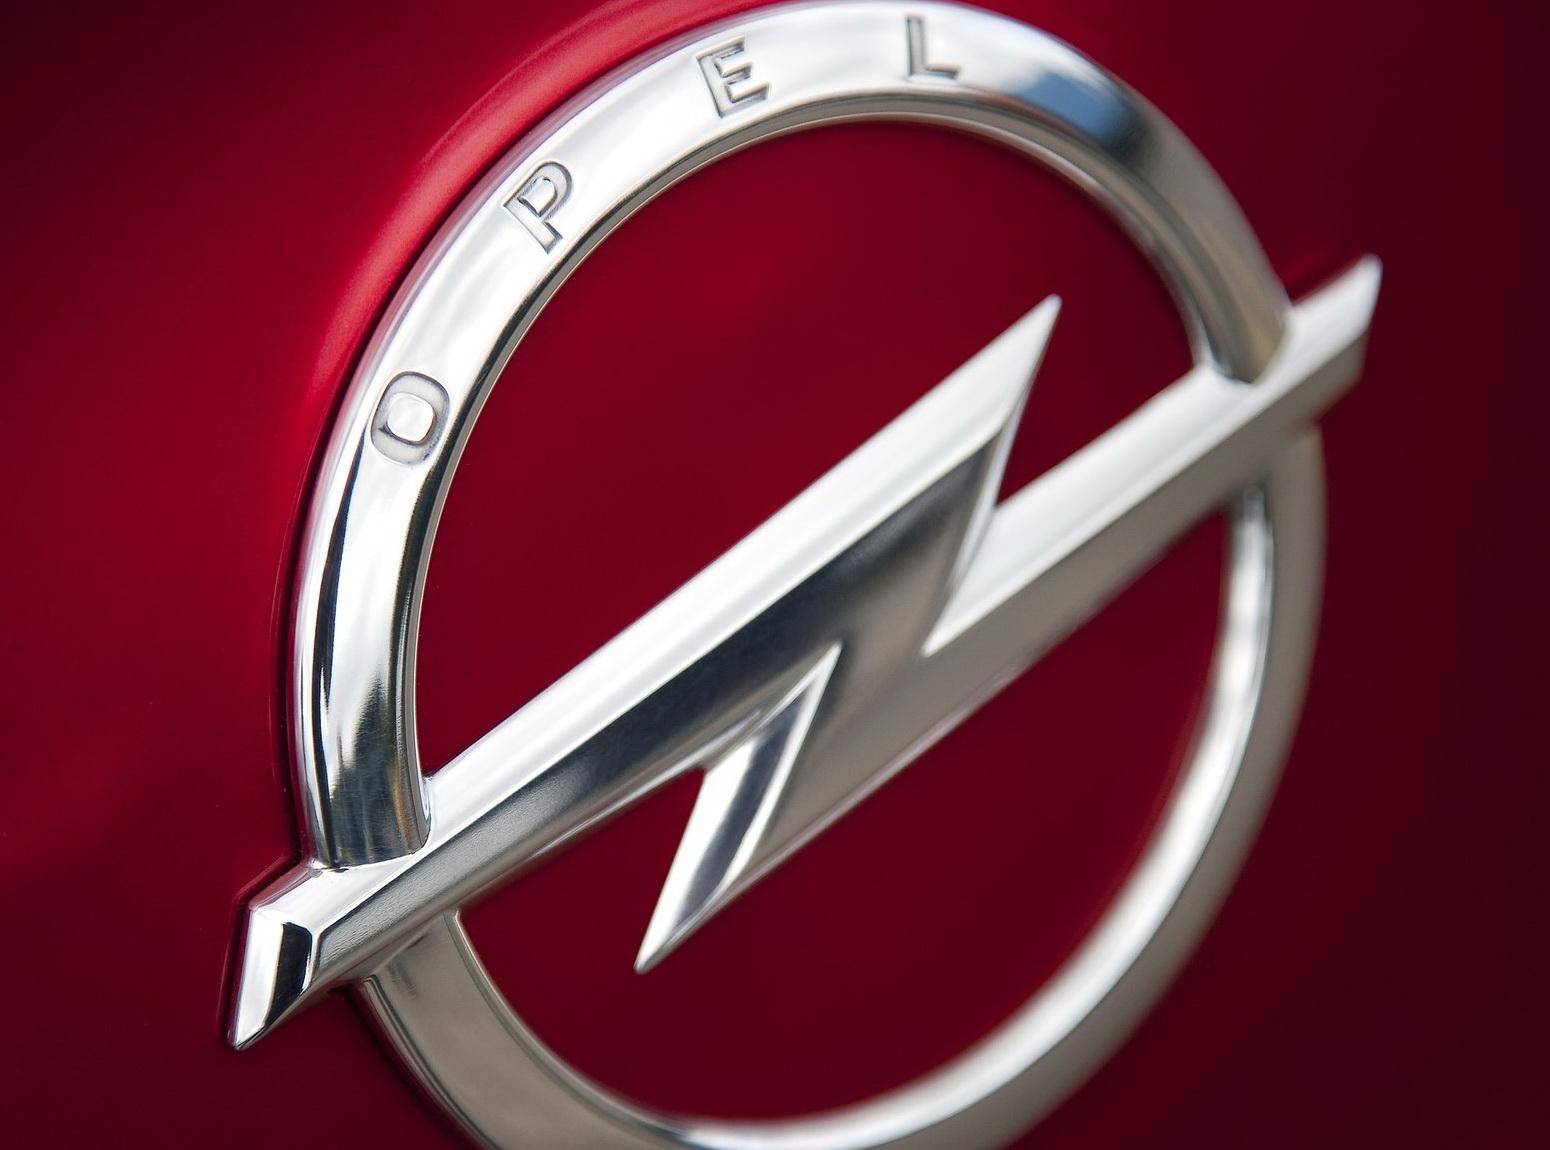 hight resolution of opel company symbol opel company logo